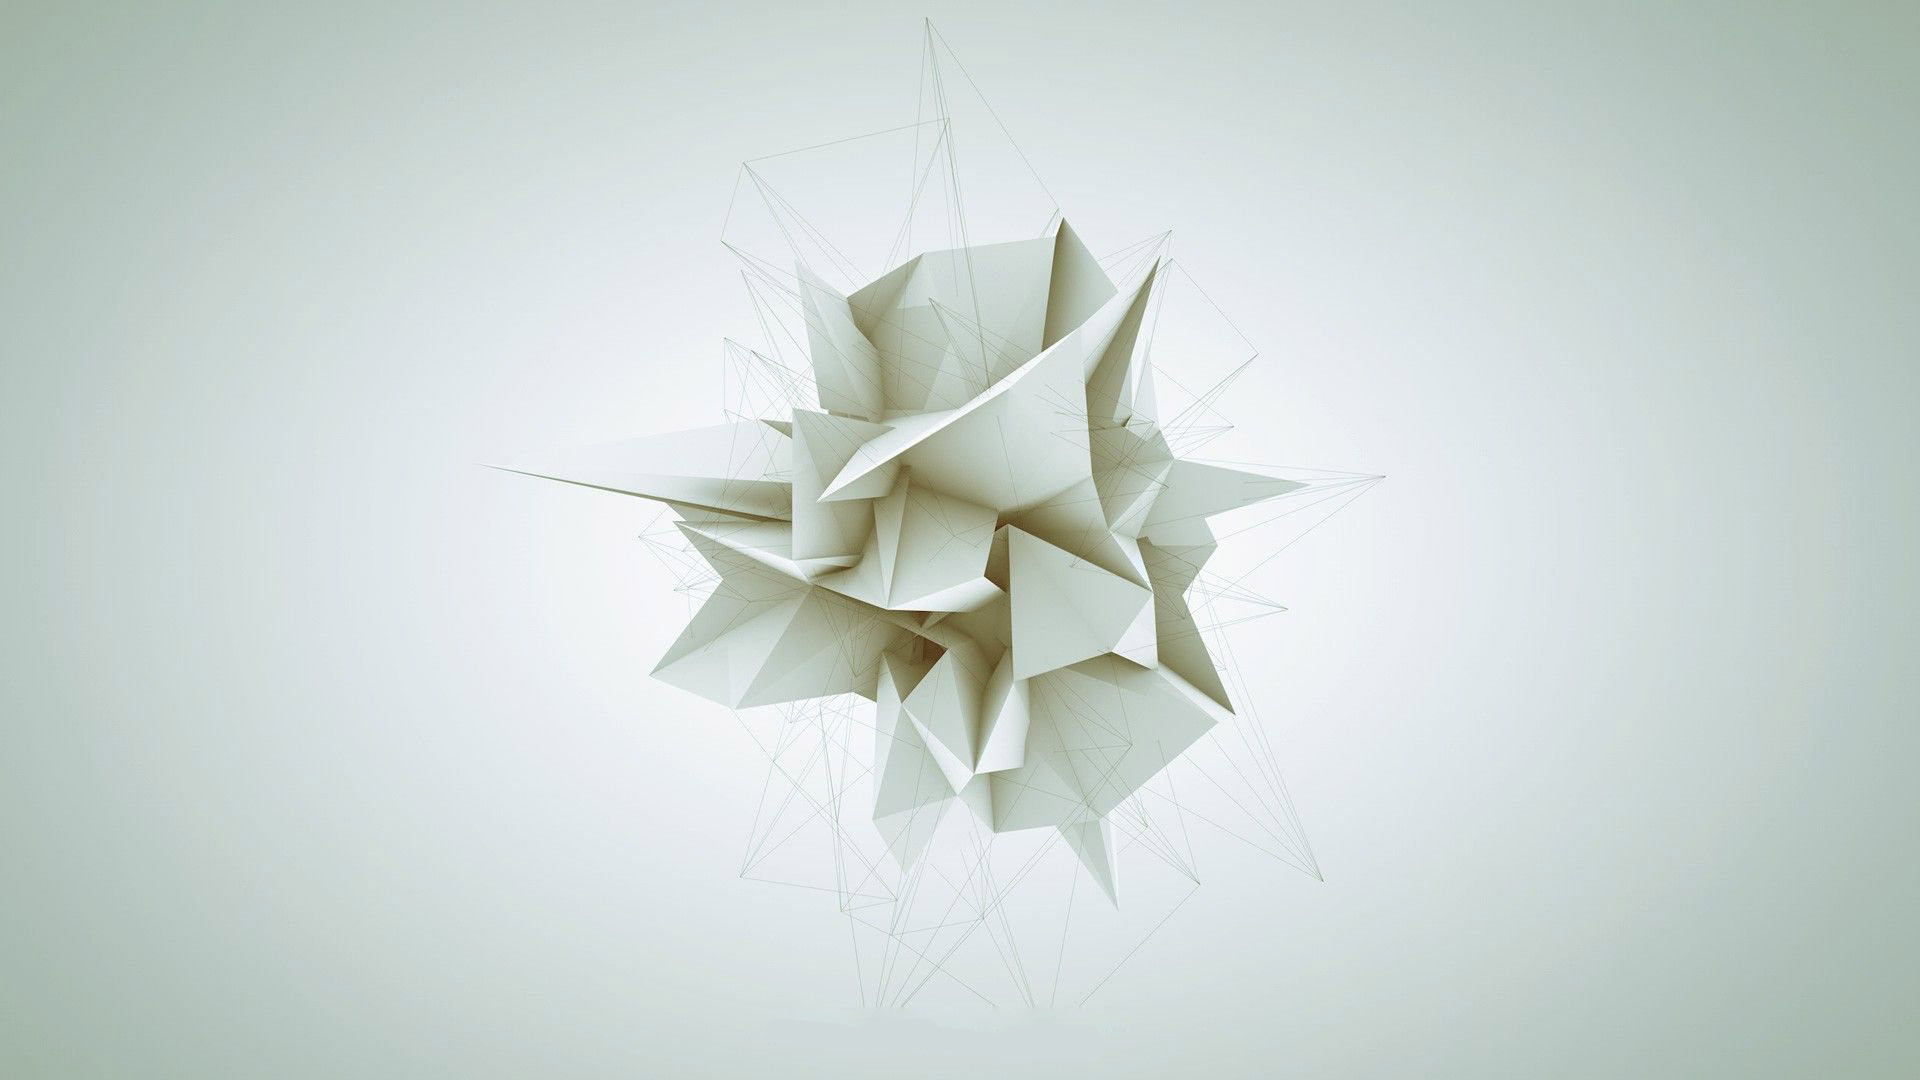 Resultado de imagem para geometric 3d background